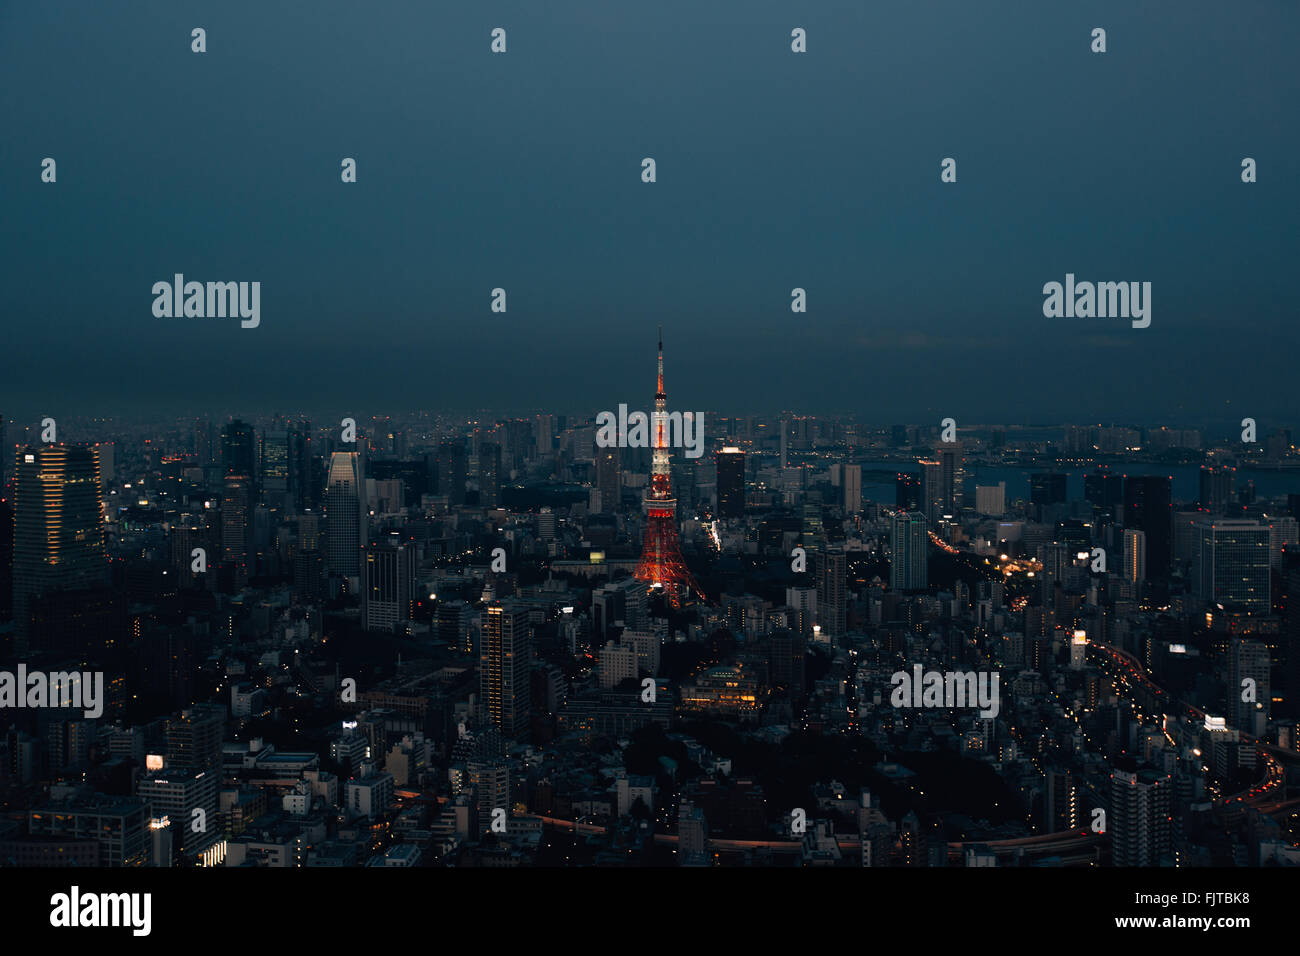 La Torre de Tokyo iluminada en la ciudad contra el cielo claro Imagen De Stock